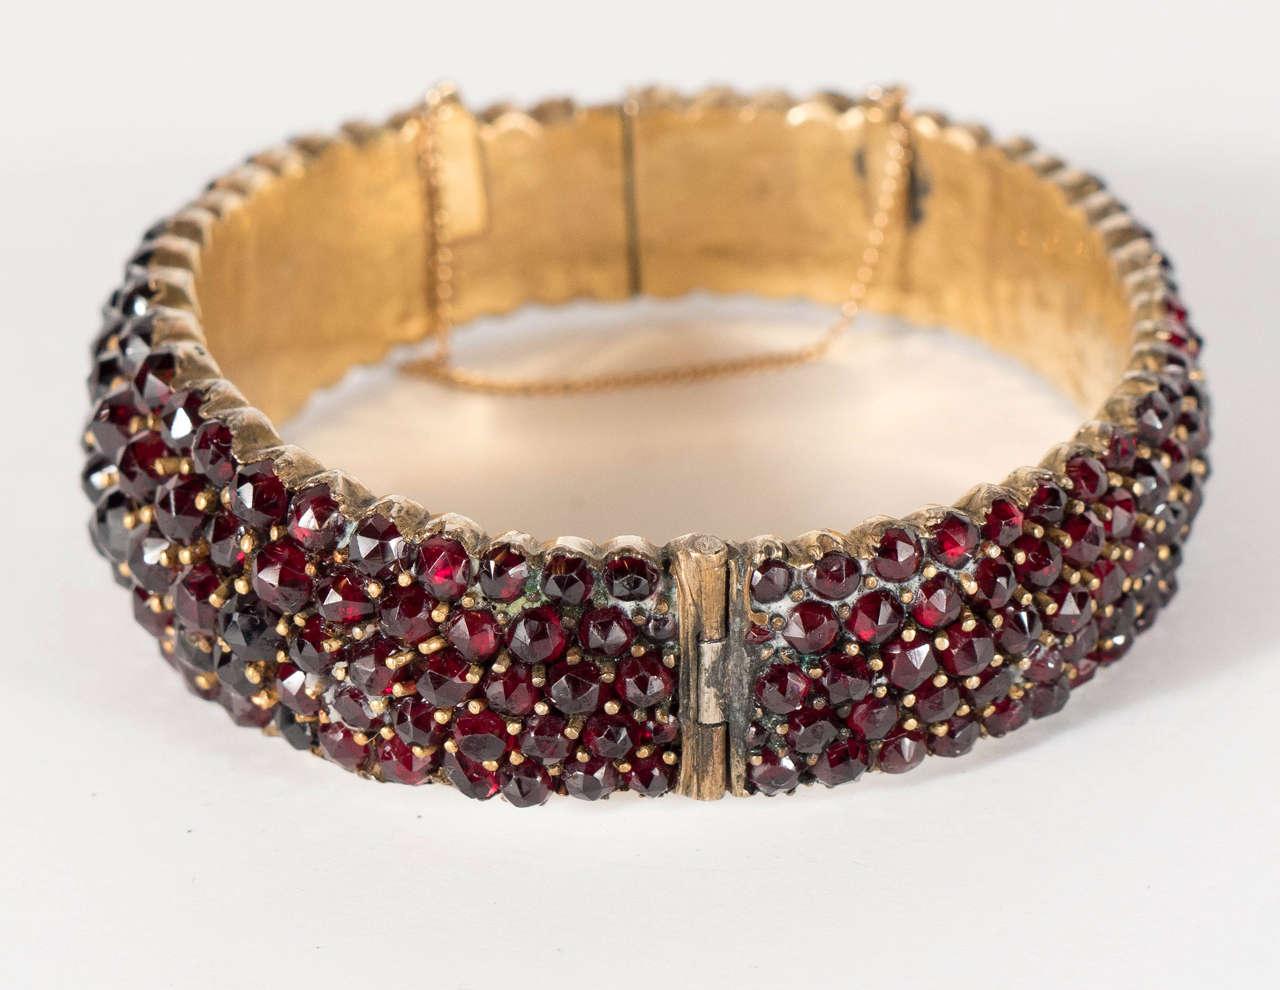 Exquisite Antique Bohemian Garnet Silver Gold Bangle Bracelet 5